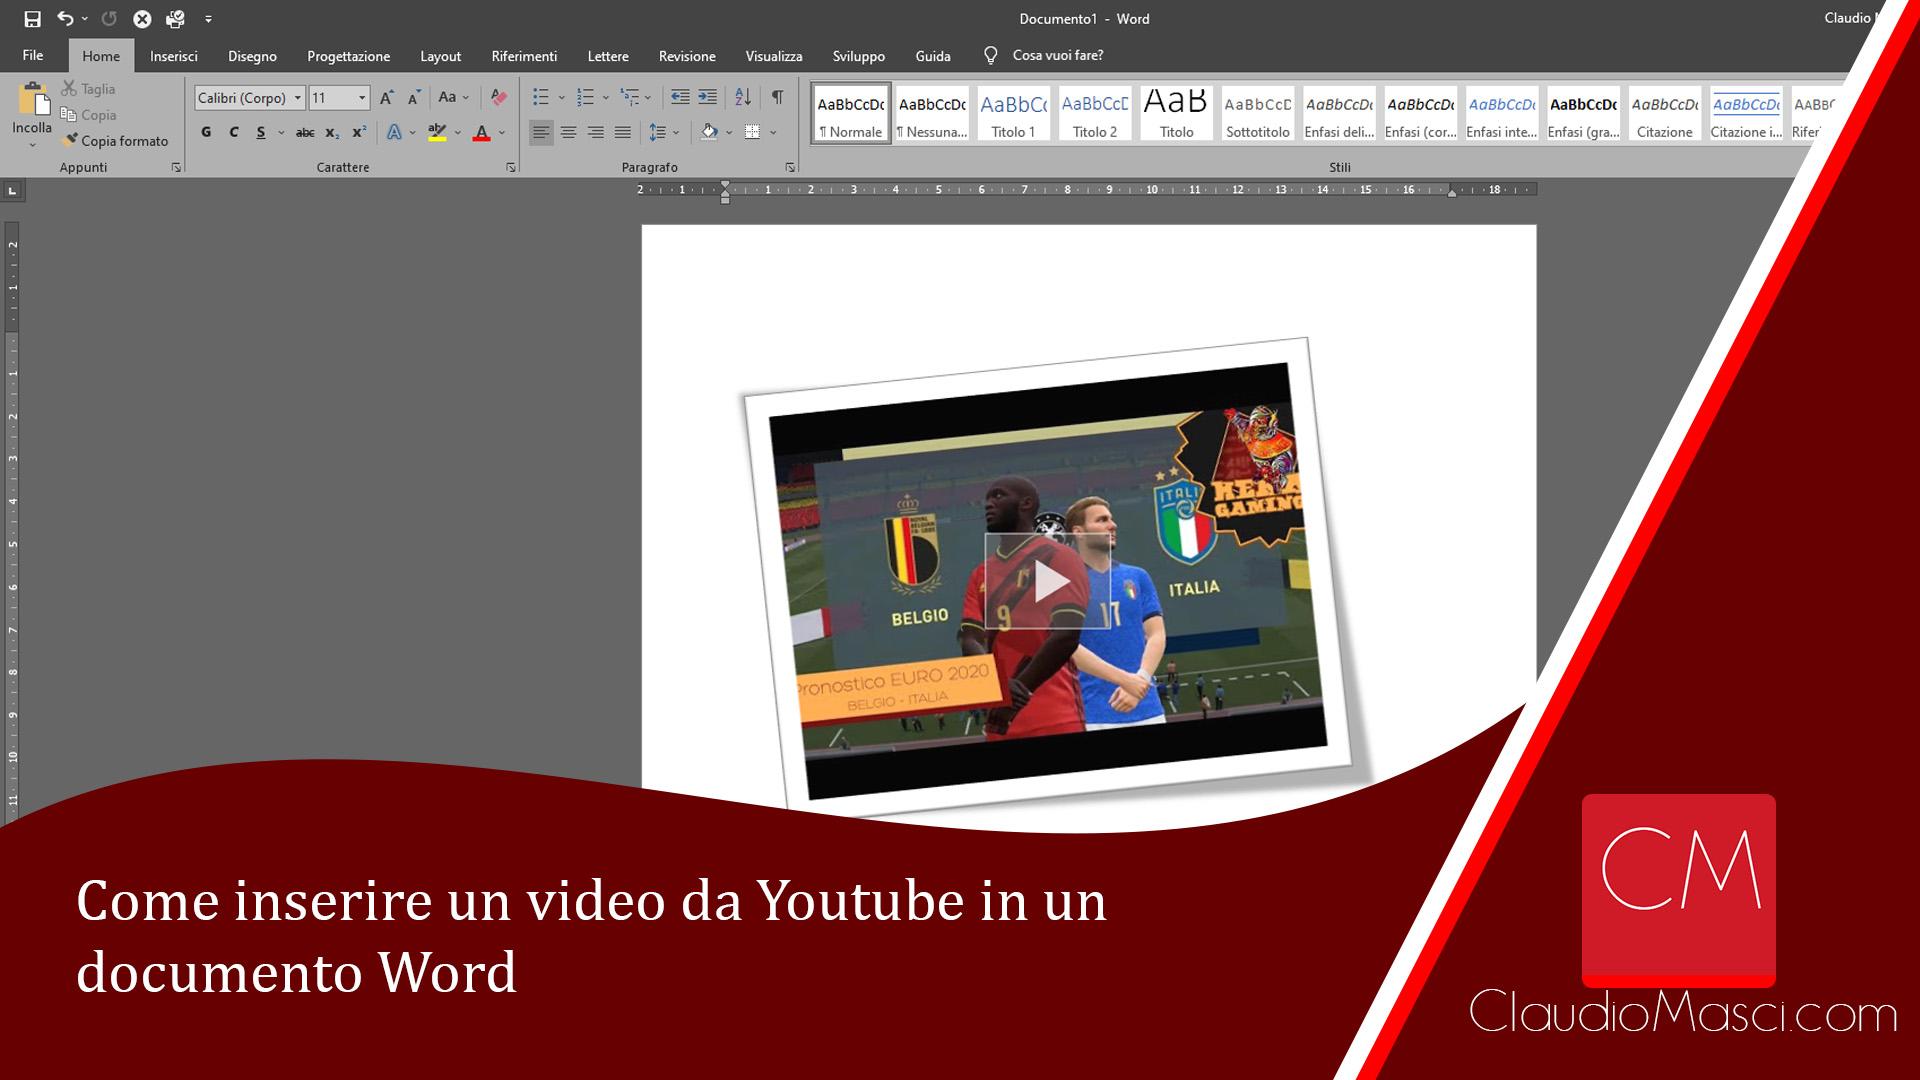 Come inserire un video da Youtube in un documento Word